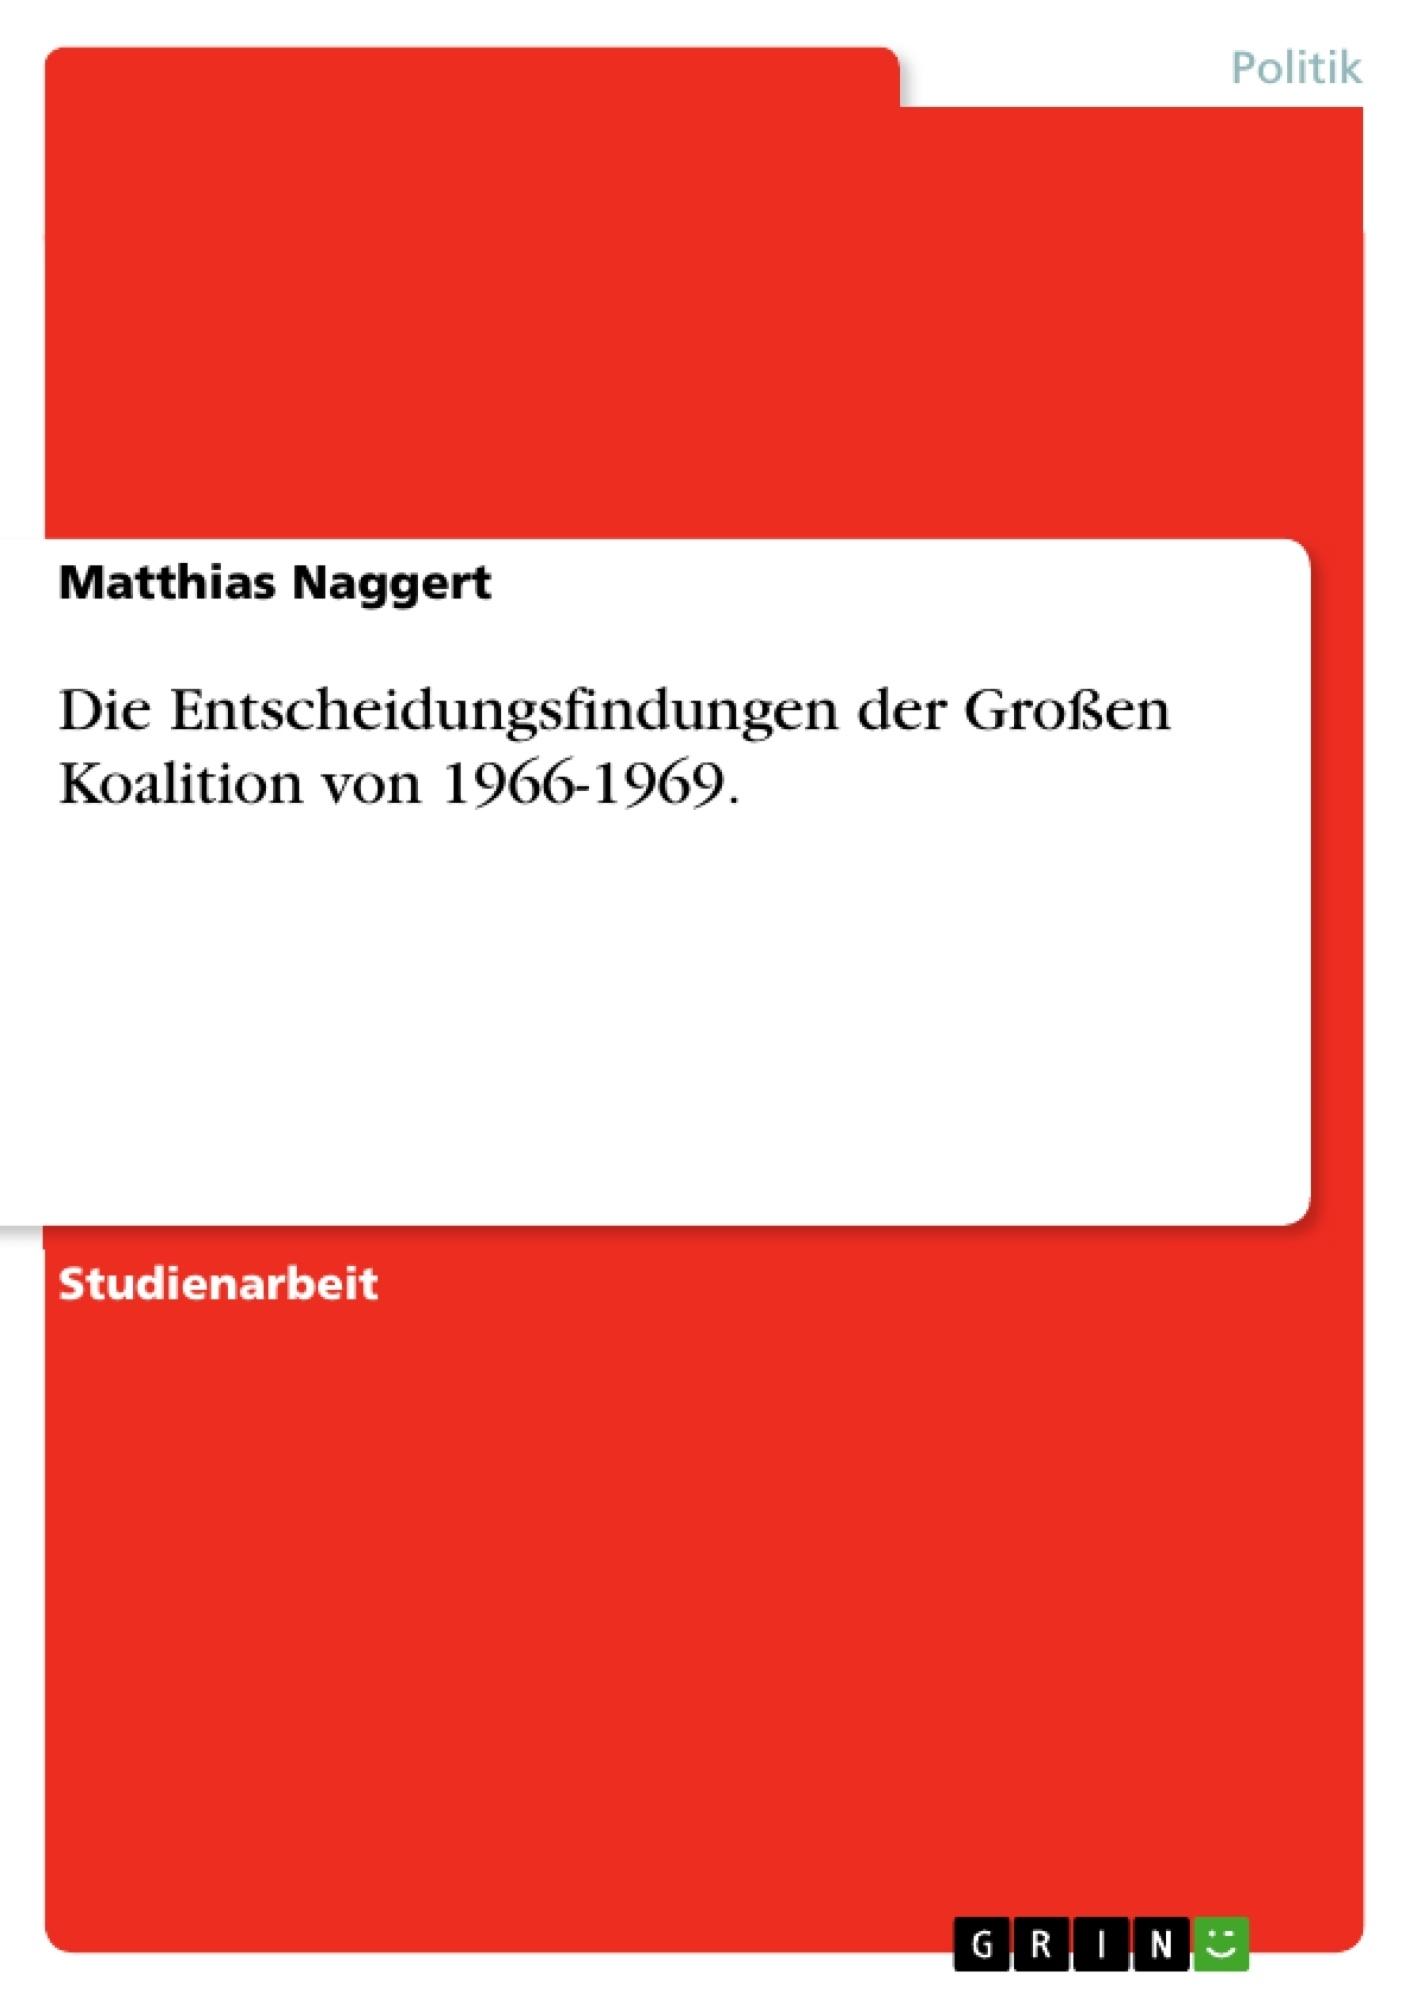 Titel: Die Entscheidungsfindungen der Großen Koalition von 1966-1969.